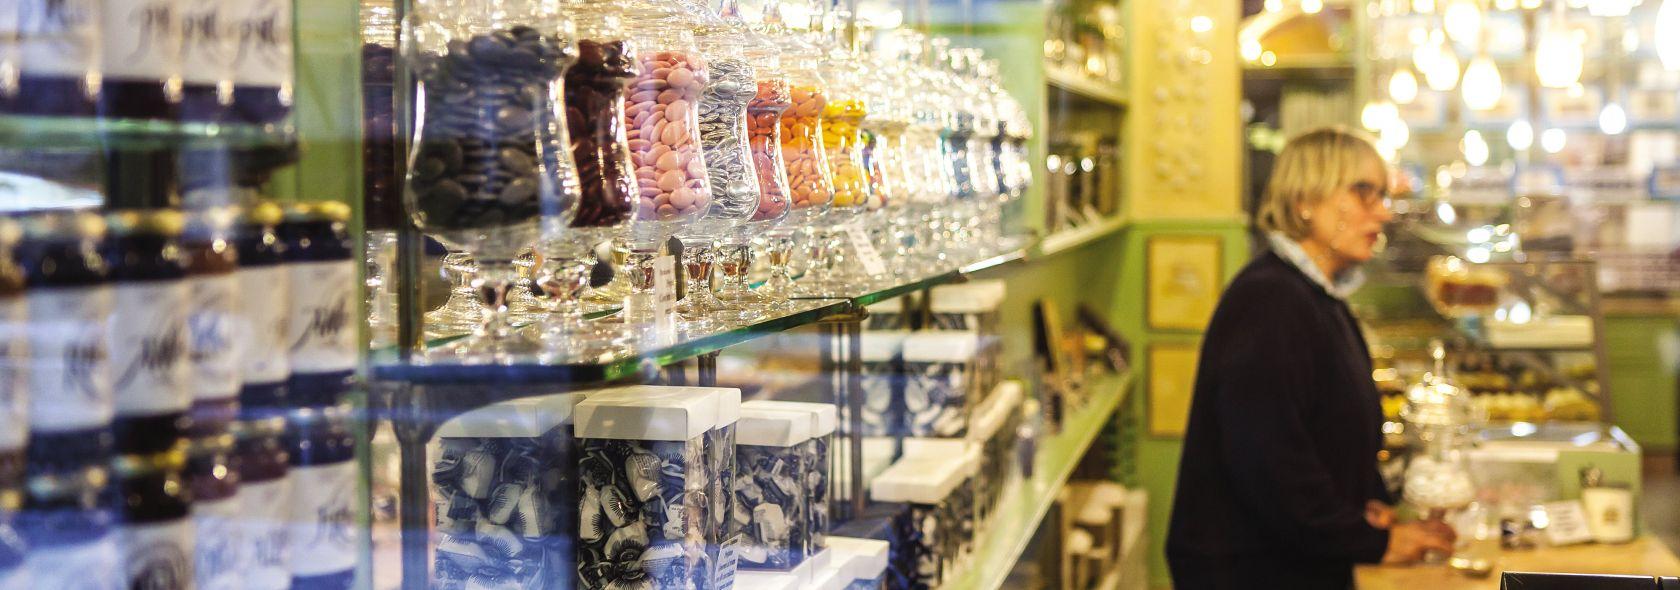 Confetteria Profumo - foto: Alberto Blasetti (courtesy Marco Polo)